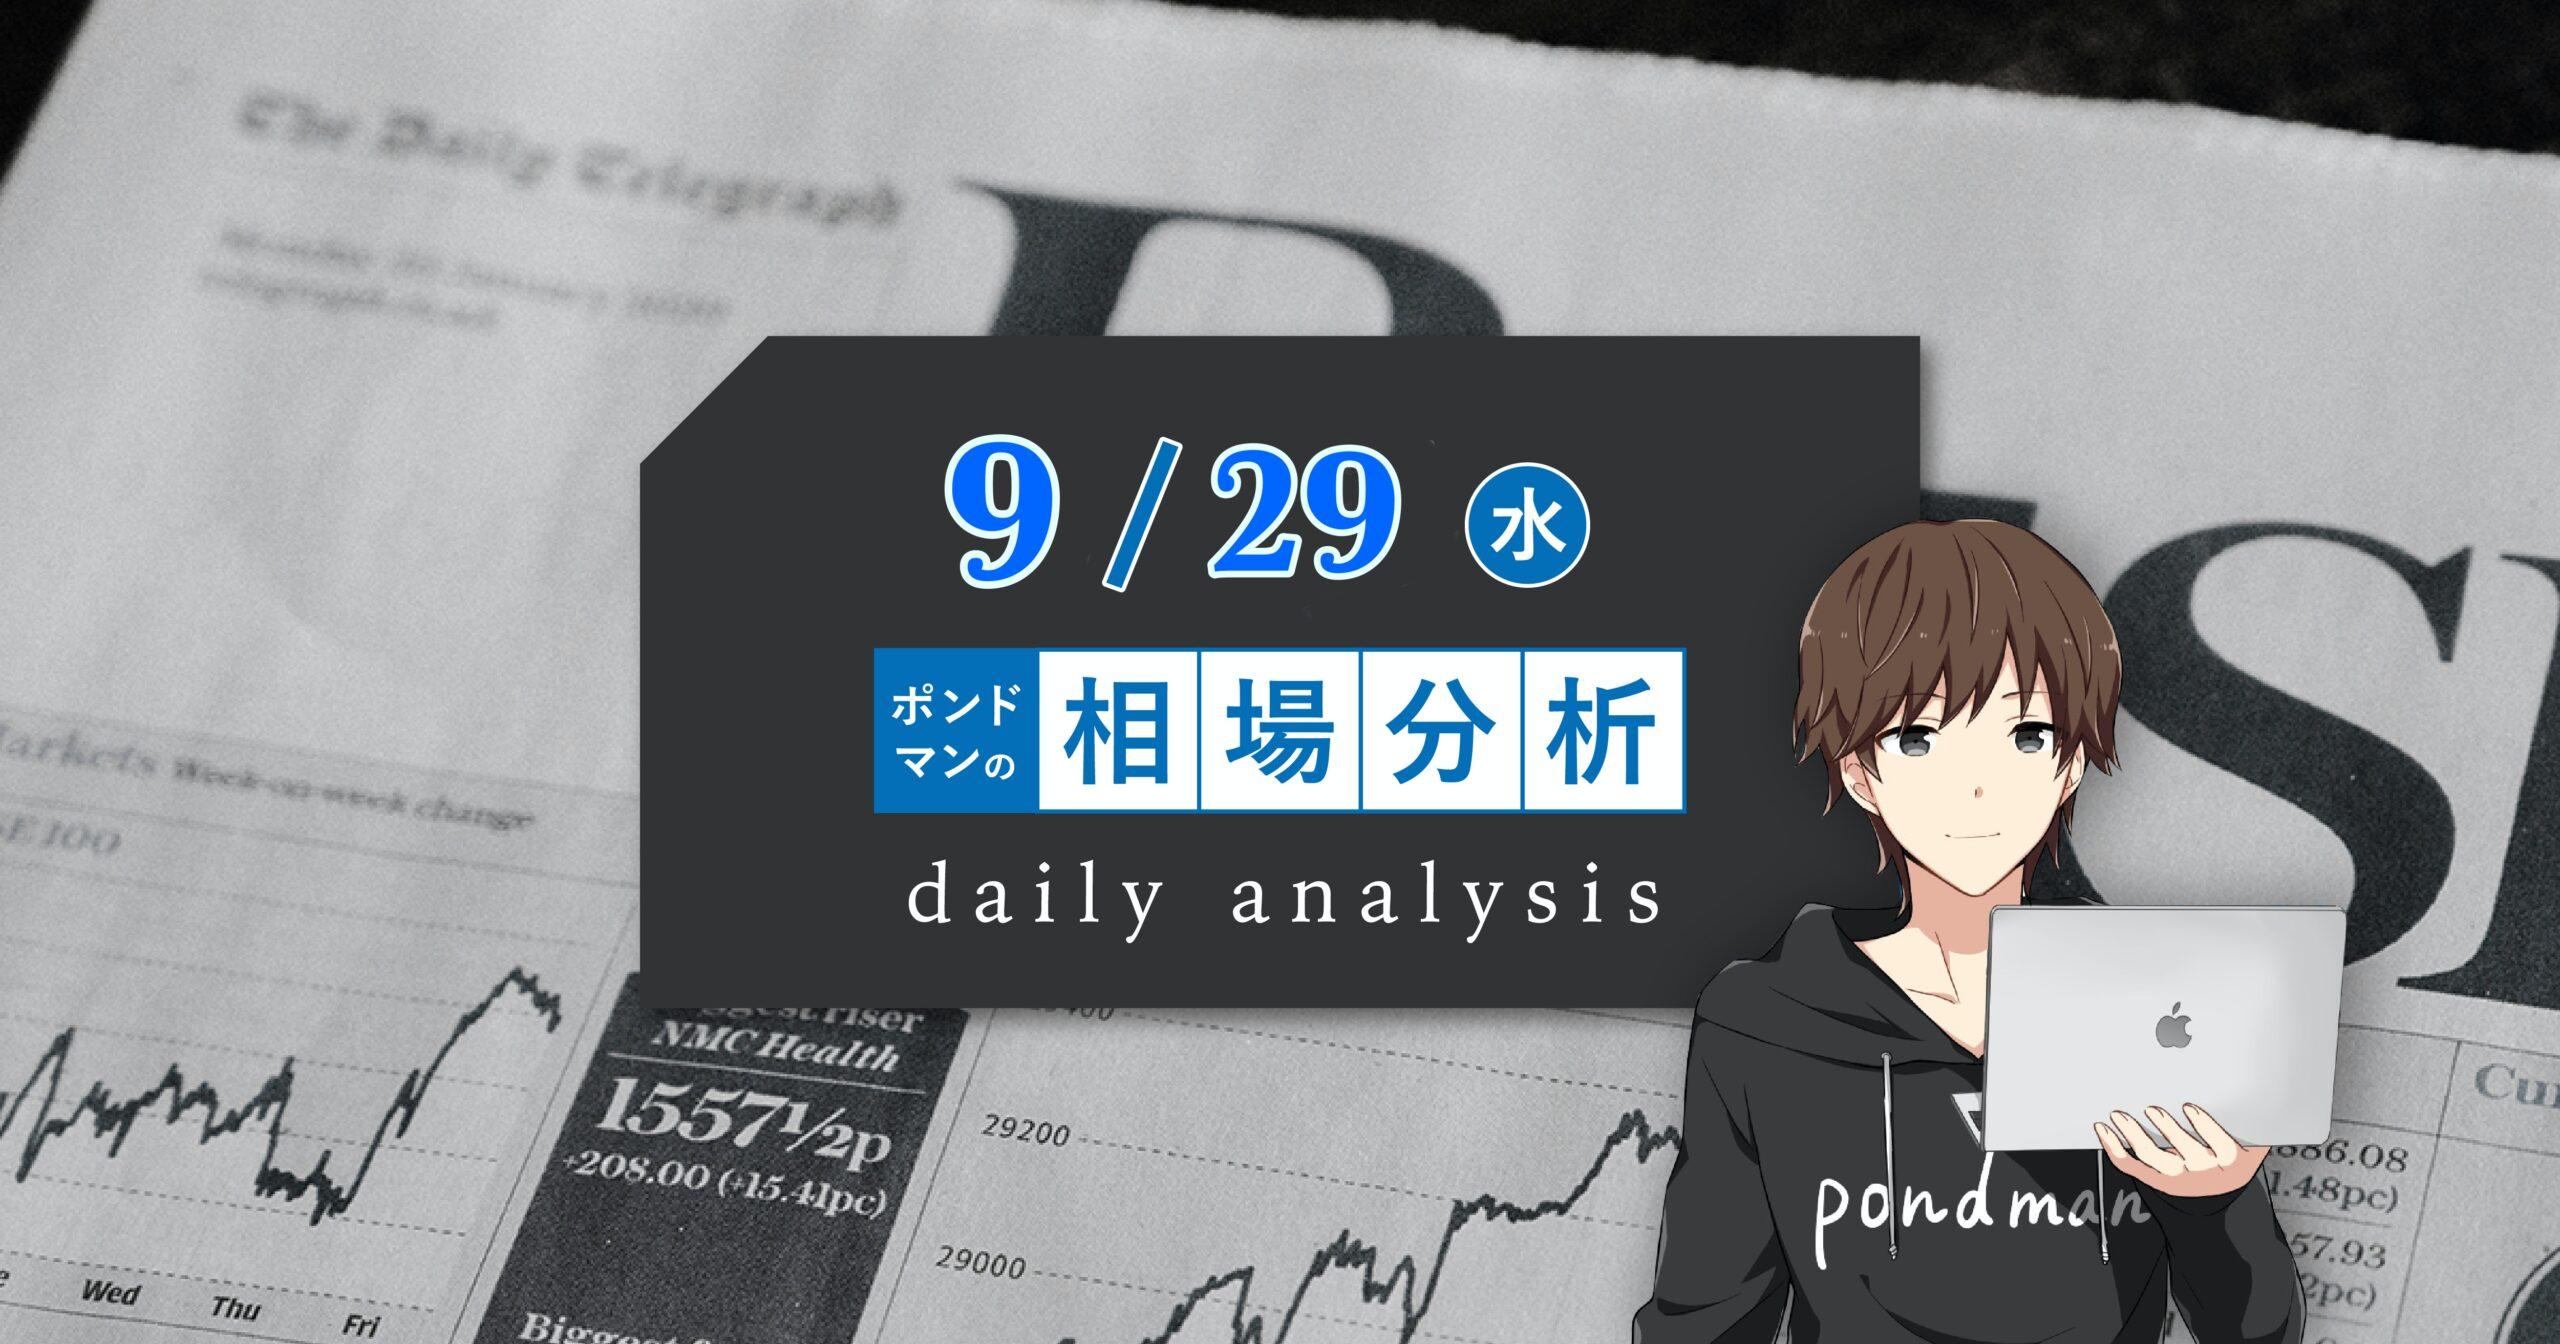 【9月29日コモディティ価格の上昇はどこまで続く?中国の経済指標に注目しよう!